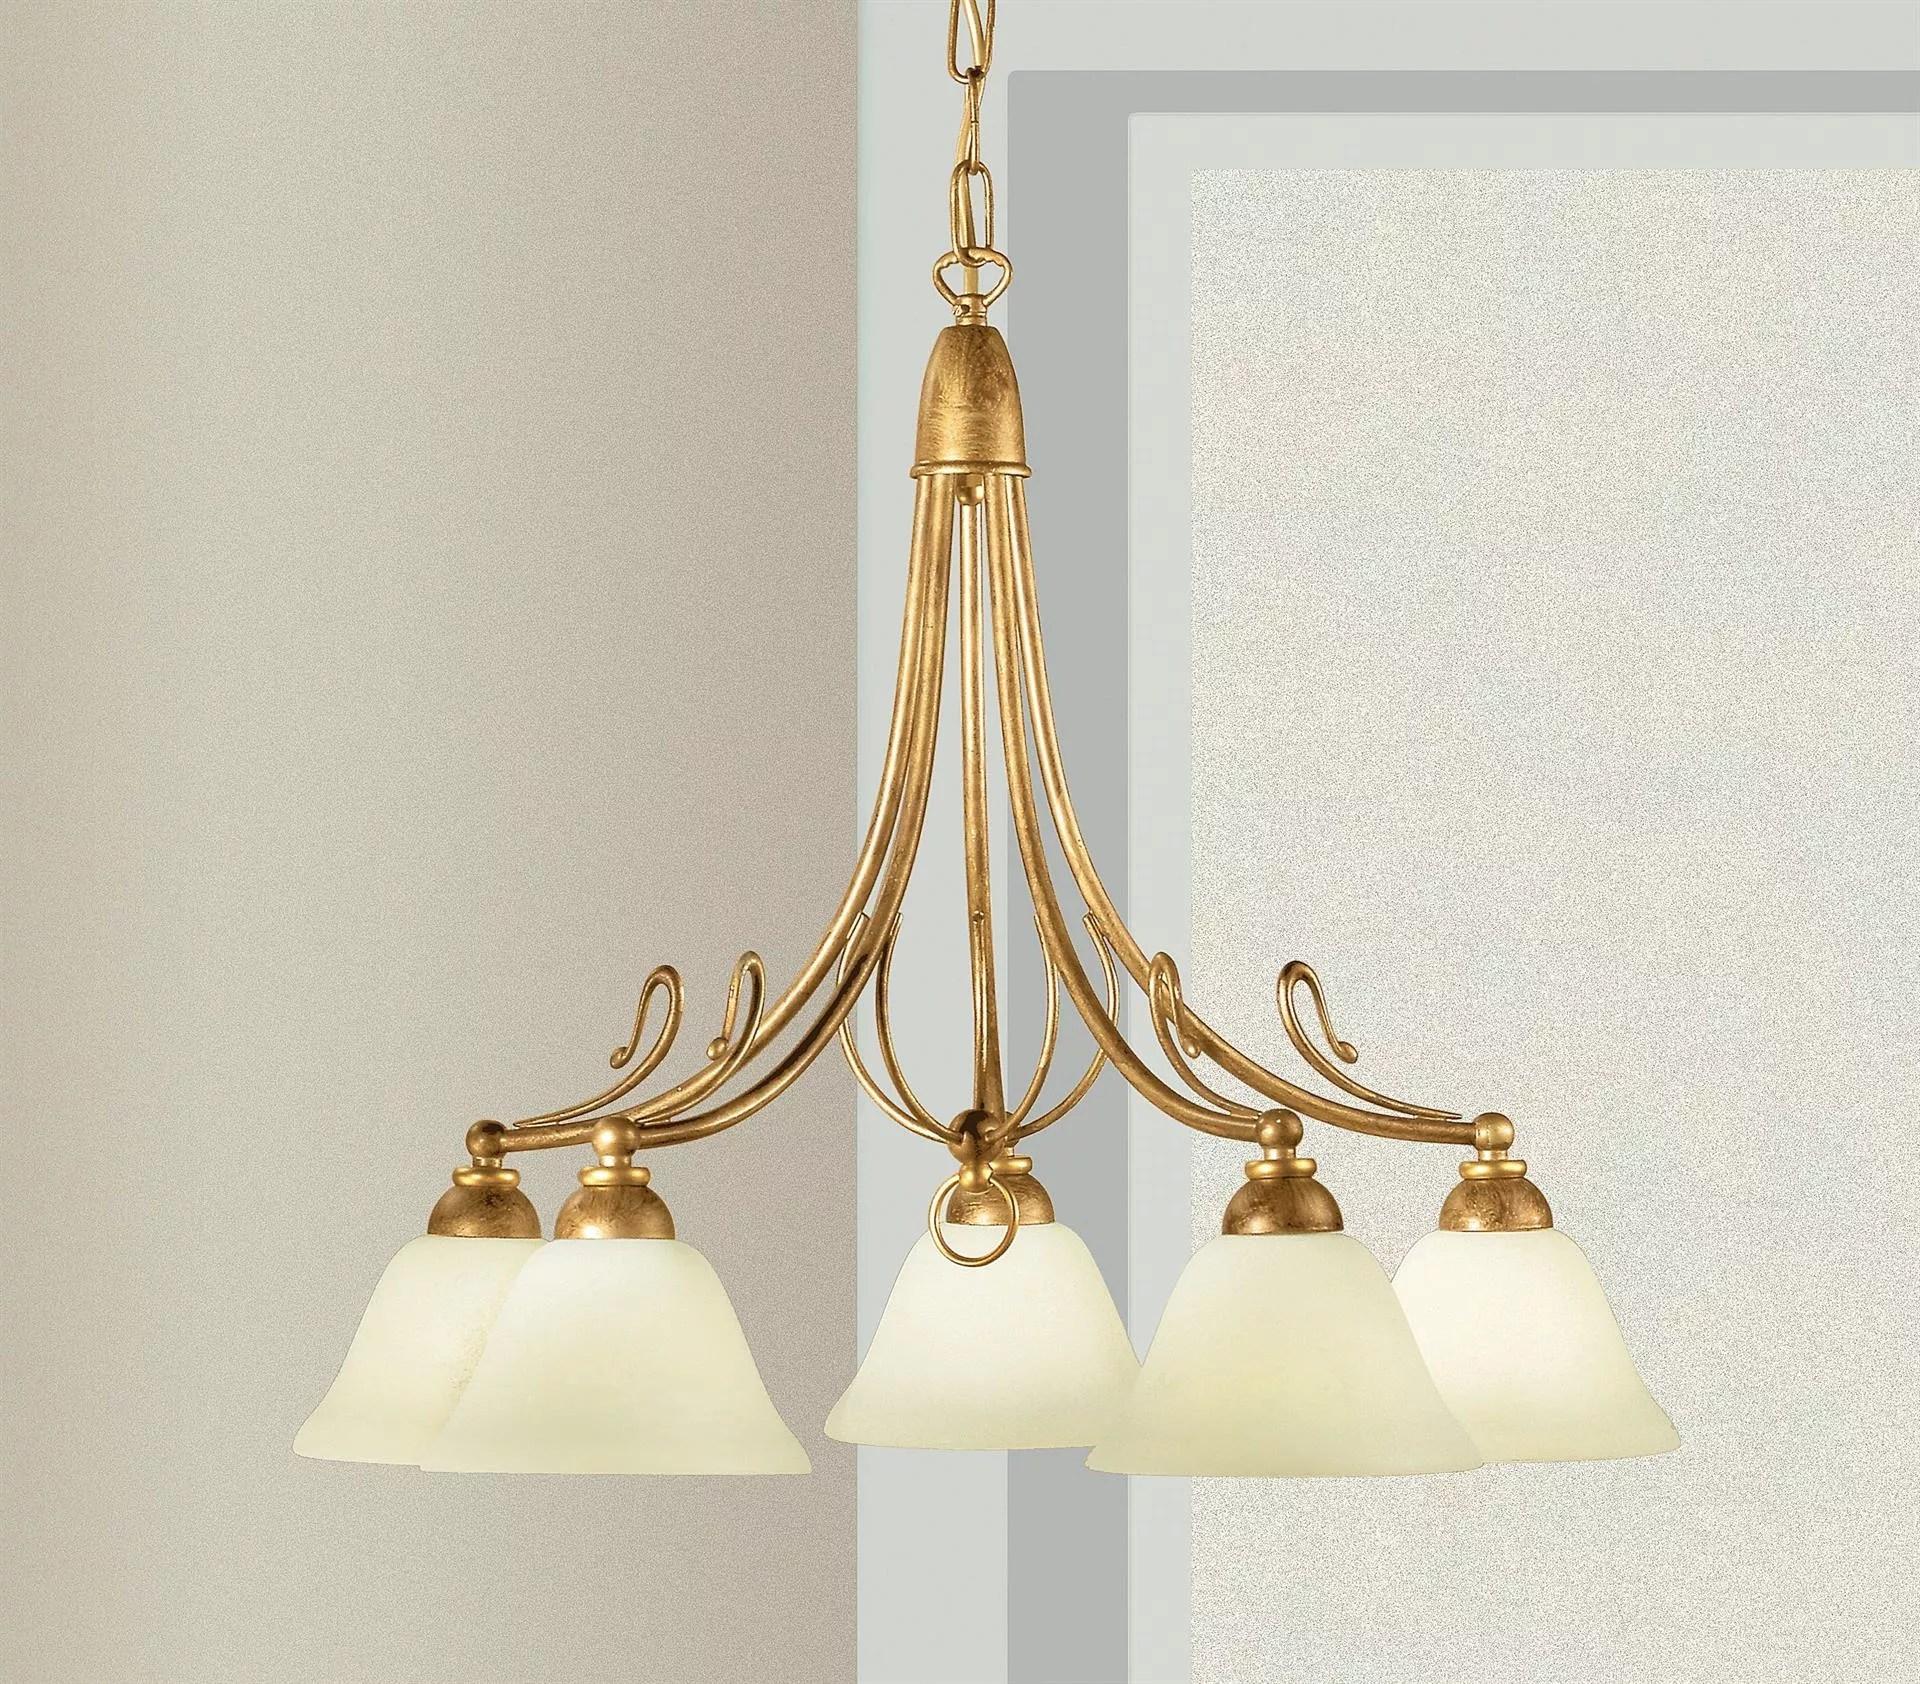 Infatti spesso sostituisce i lampadari, sia classici che moderni. Lampadario Classico Ferro Battuto Decoro Oro 5 Luci Per Soggiorno 2383 5 01